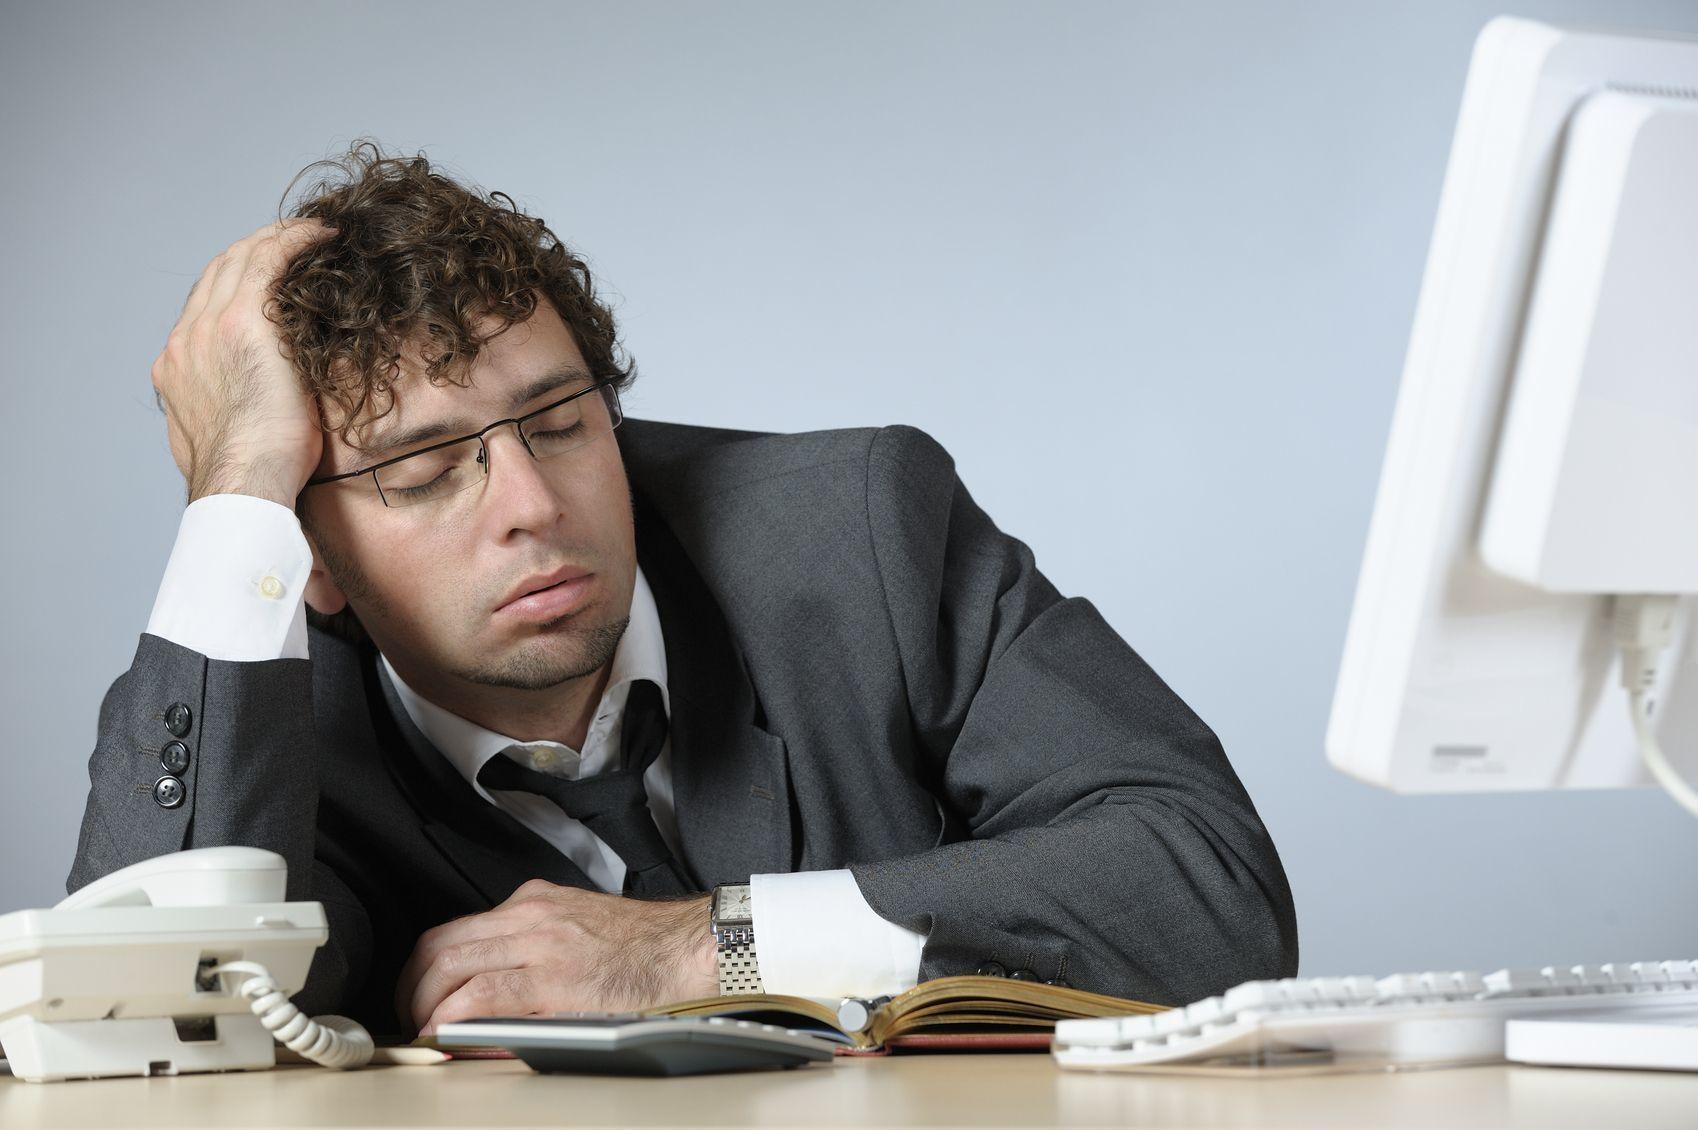 AGA若ハゲの原因 ストレスや不規則な生活などによる頭皮の血流が低下